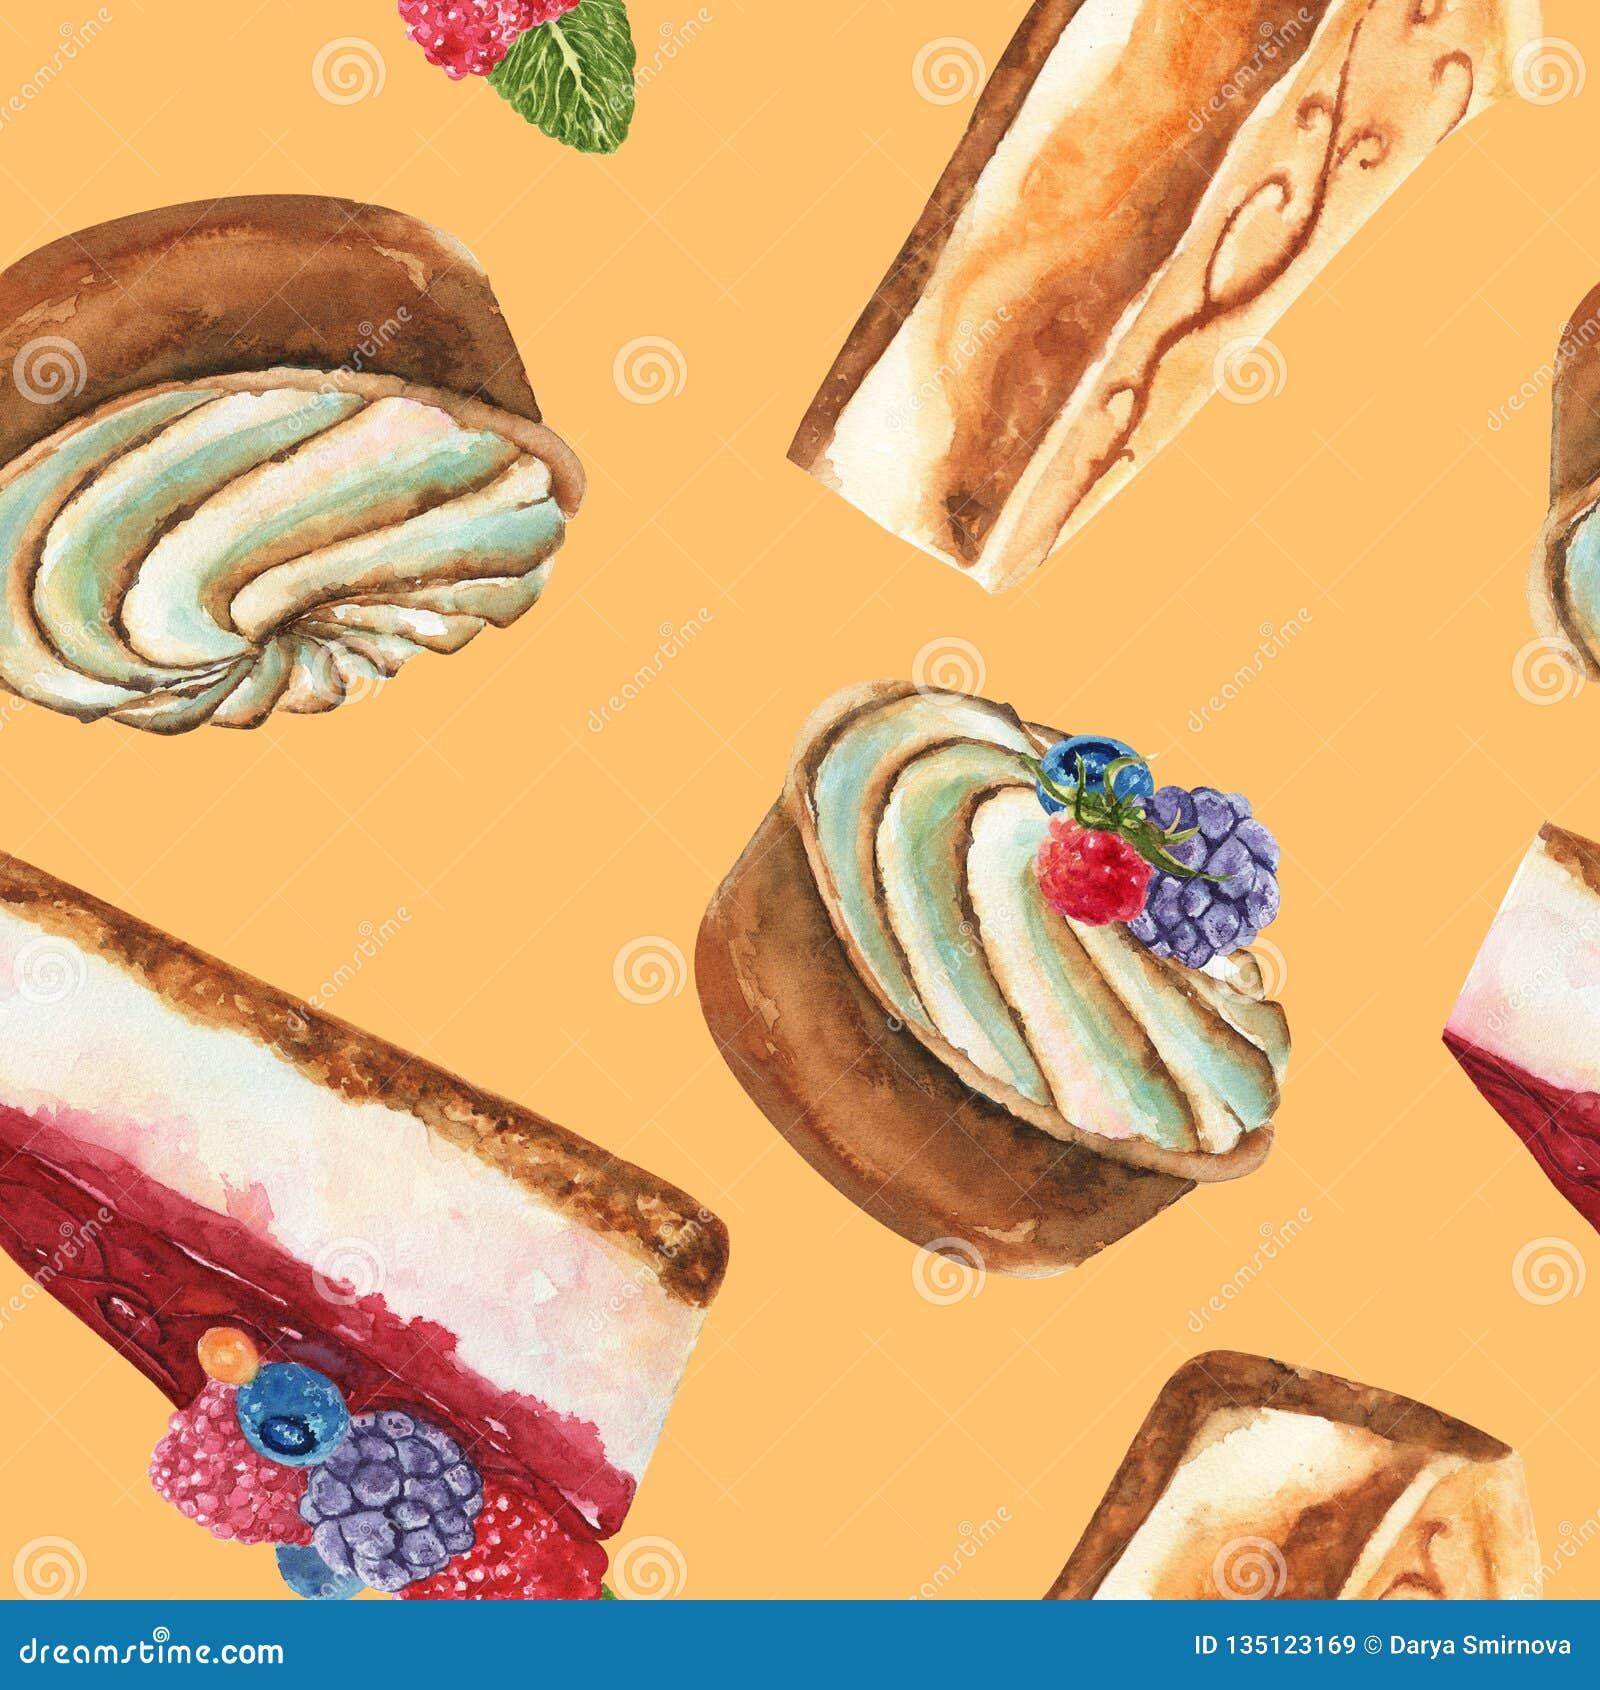 Картина акварели руки вычерченная безшовная с частью чизкейка, торта сливк кислых и чизкейка со свежими дикими ягодами